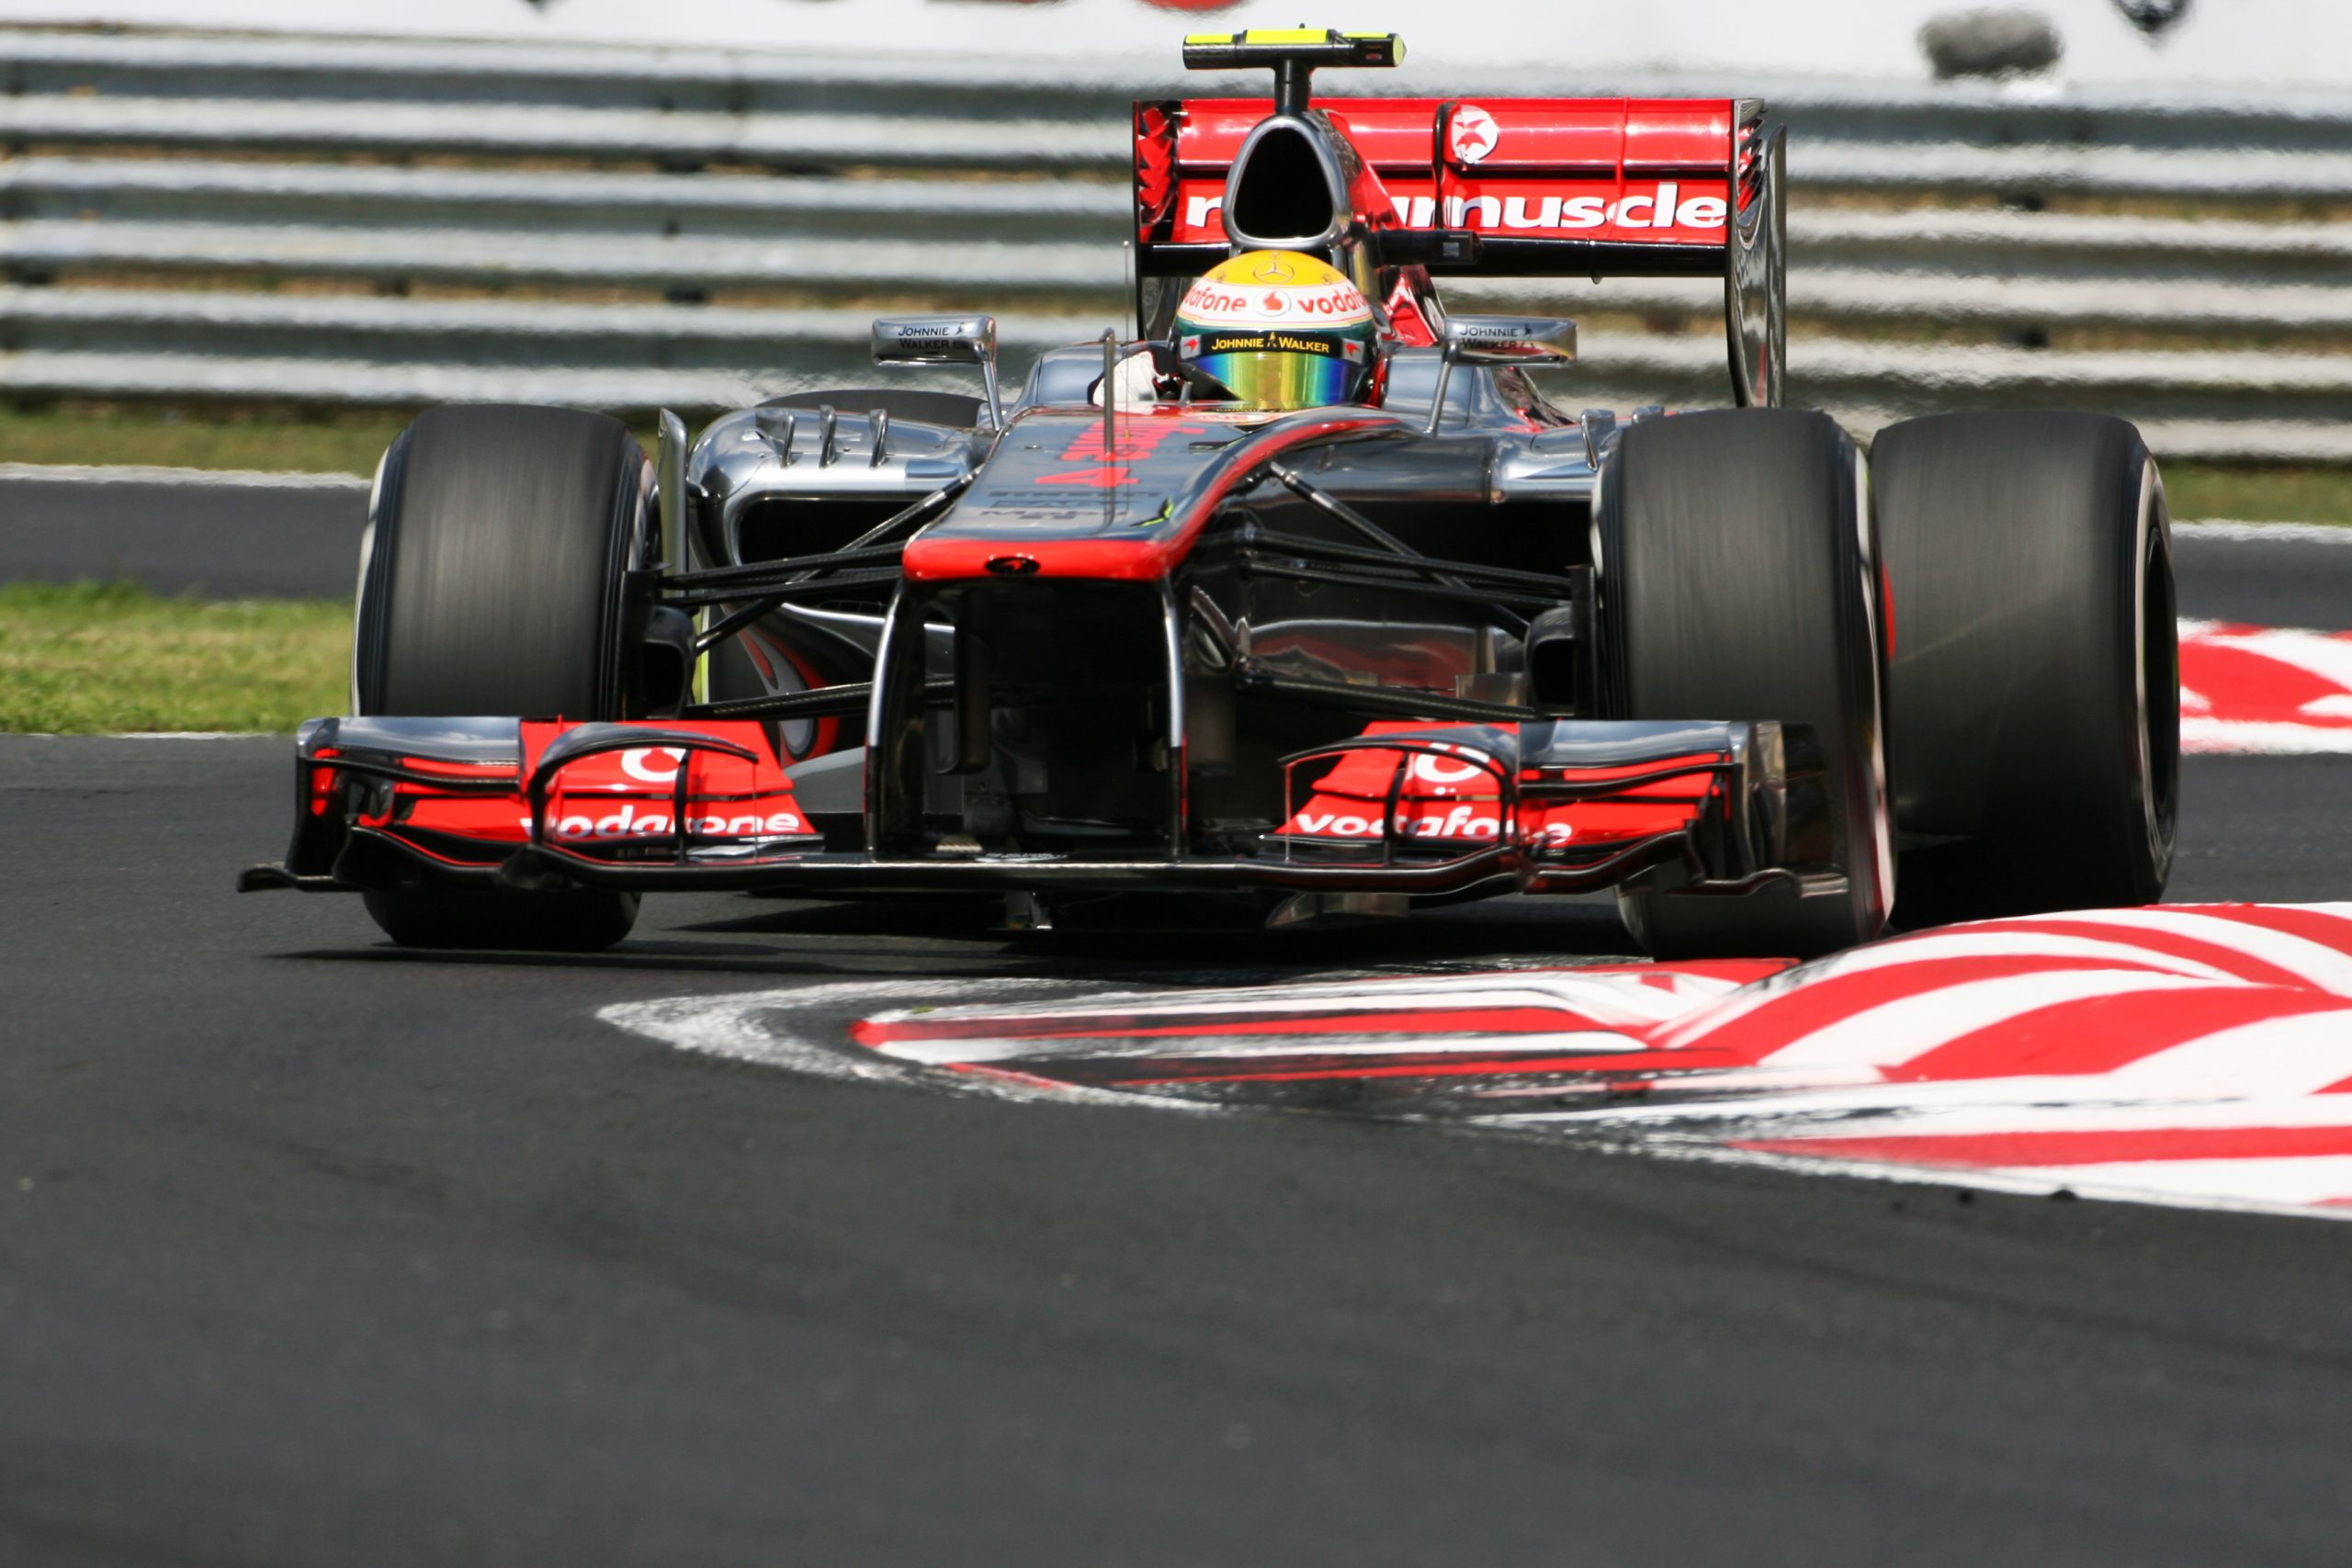 Defisit Terbesar Yang Telah Diatasi Oleh Lewis Hamilton Di Formula 1